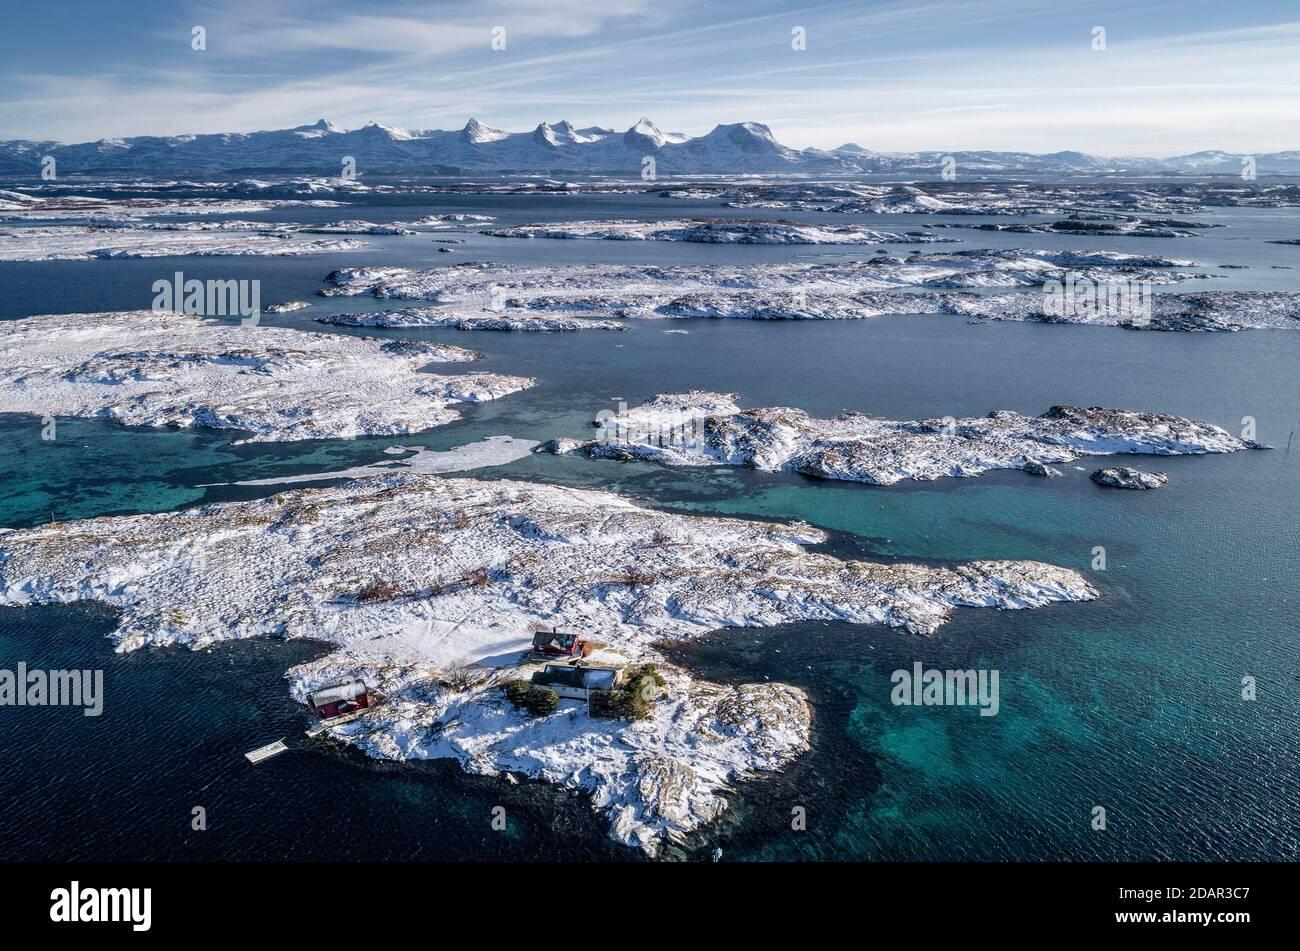 Catena montuosa innevata sette Sorelle, De syv Sostre, Sju Sostre, fronte arcipelago invernale isole in mare, Heroy, Nordland, Norvegia Foto Stock